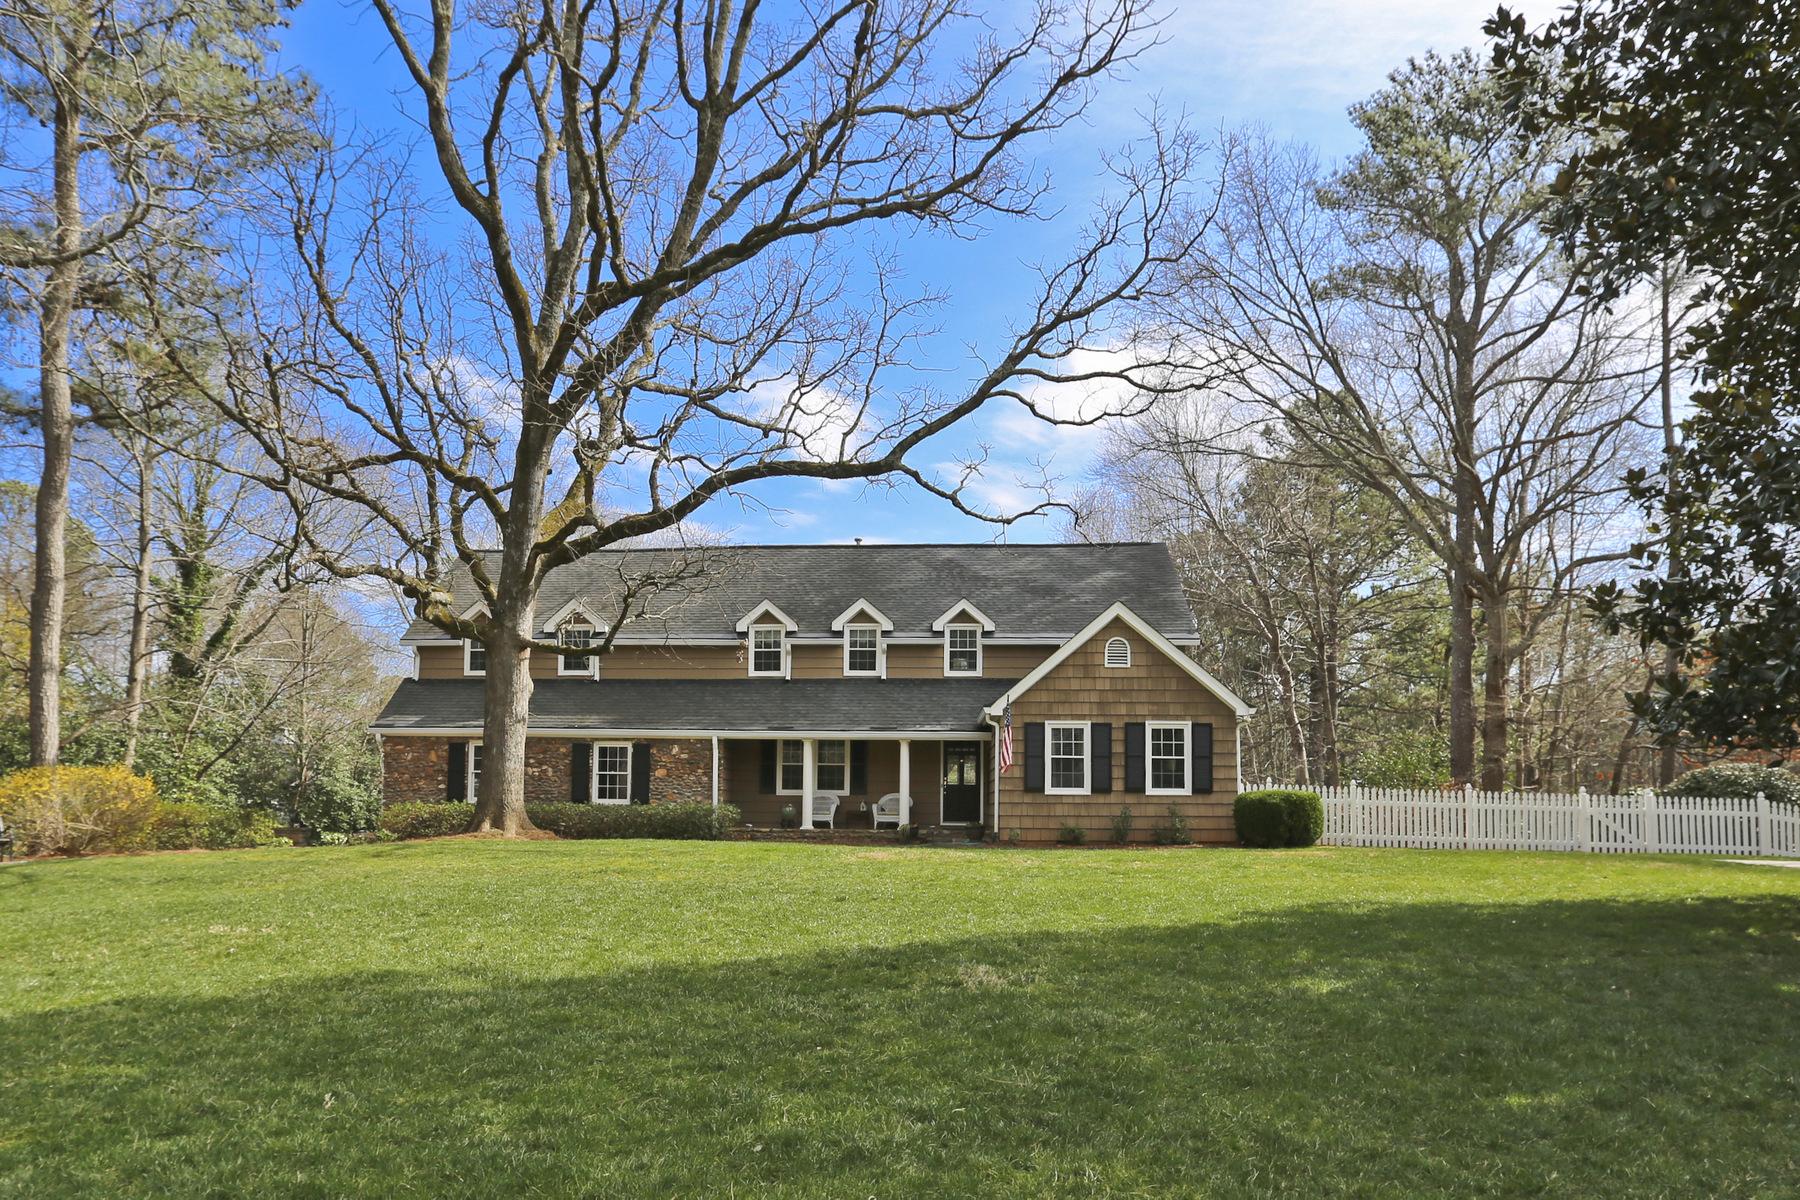 단독 가정 주택 용 매매 에 Amazing Renovated Home On Gorgeous Lake 1581 Huntingdon Trail Sandy Springs, 조지아, 30350 미국